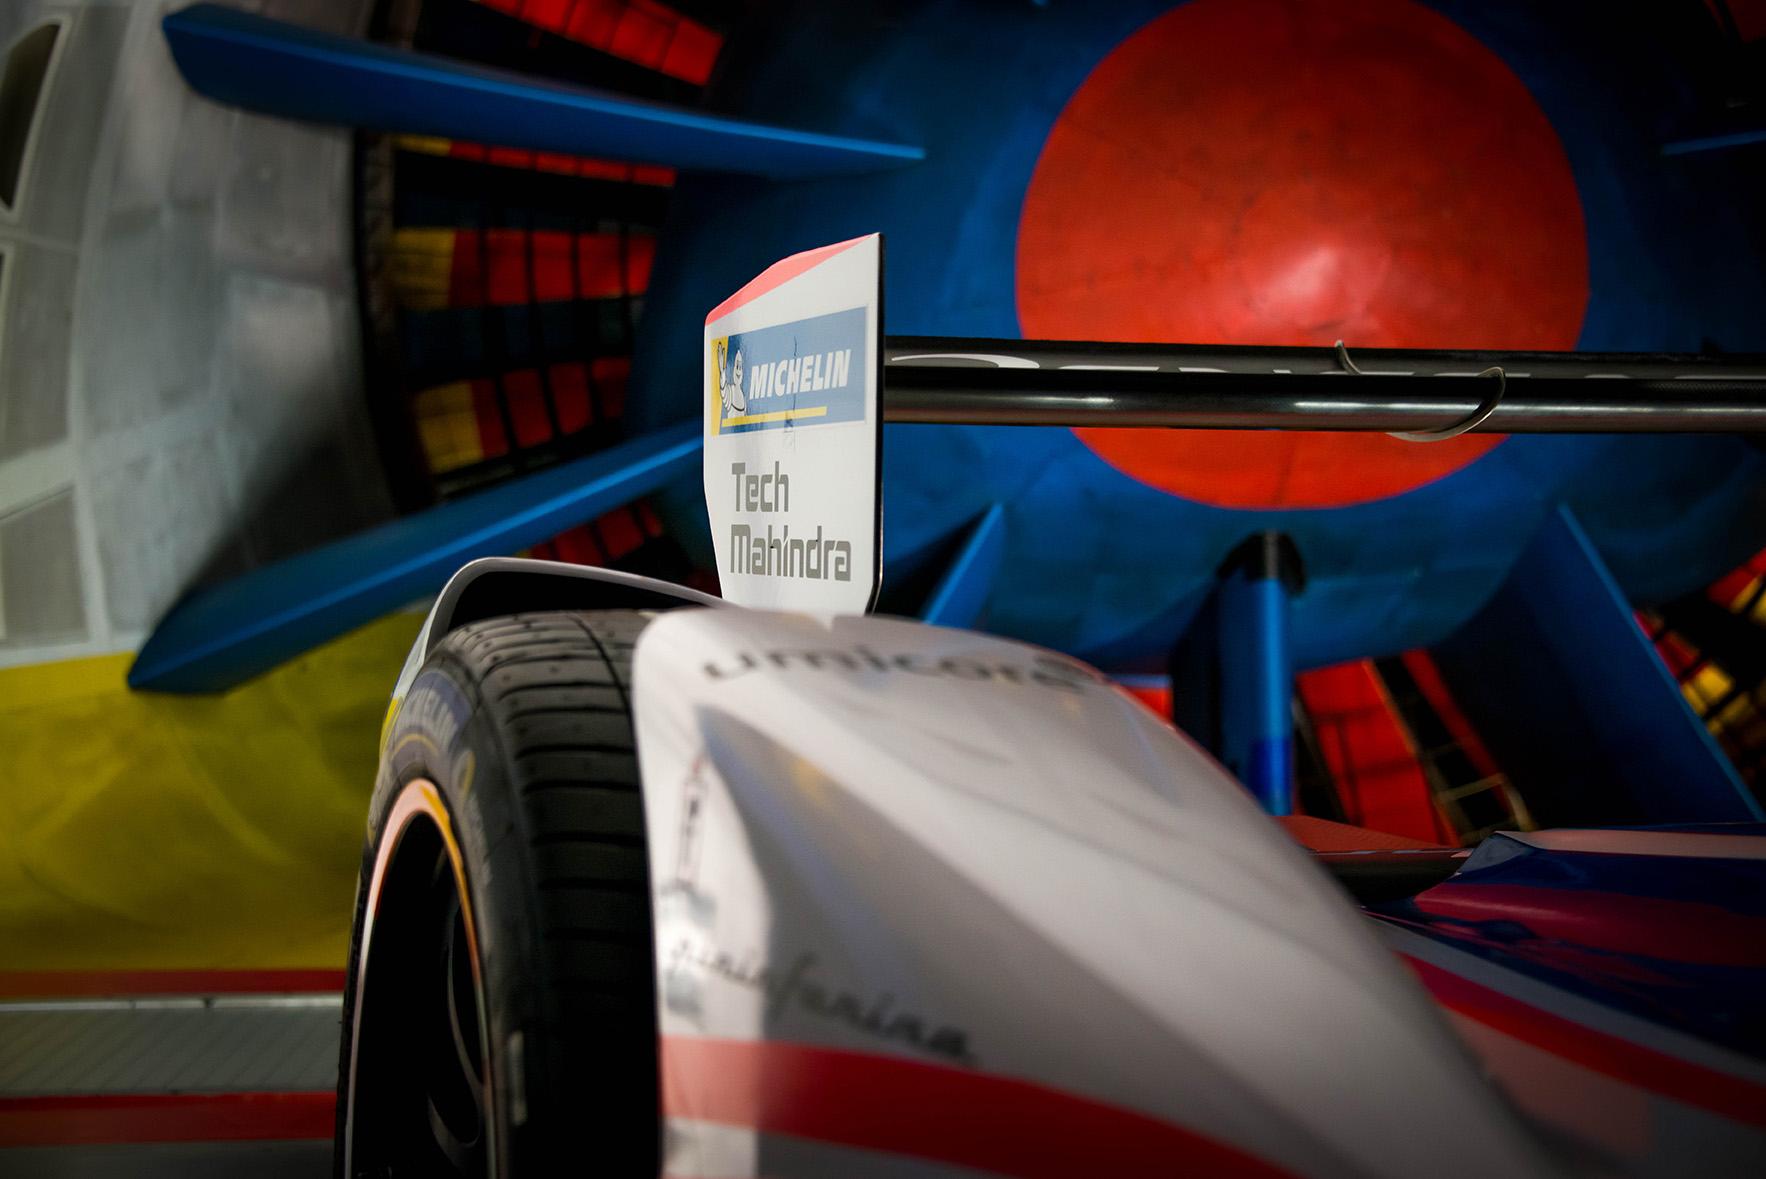 Spacesuit-Media-Marta-Rovatti-Studihrad-FIA-Formula-E-Mahindra-2018MGR_4733